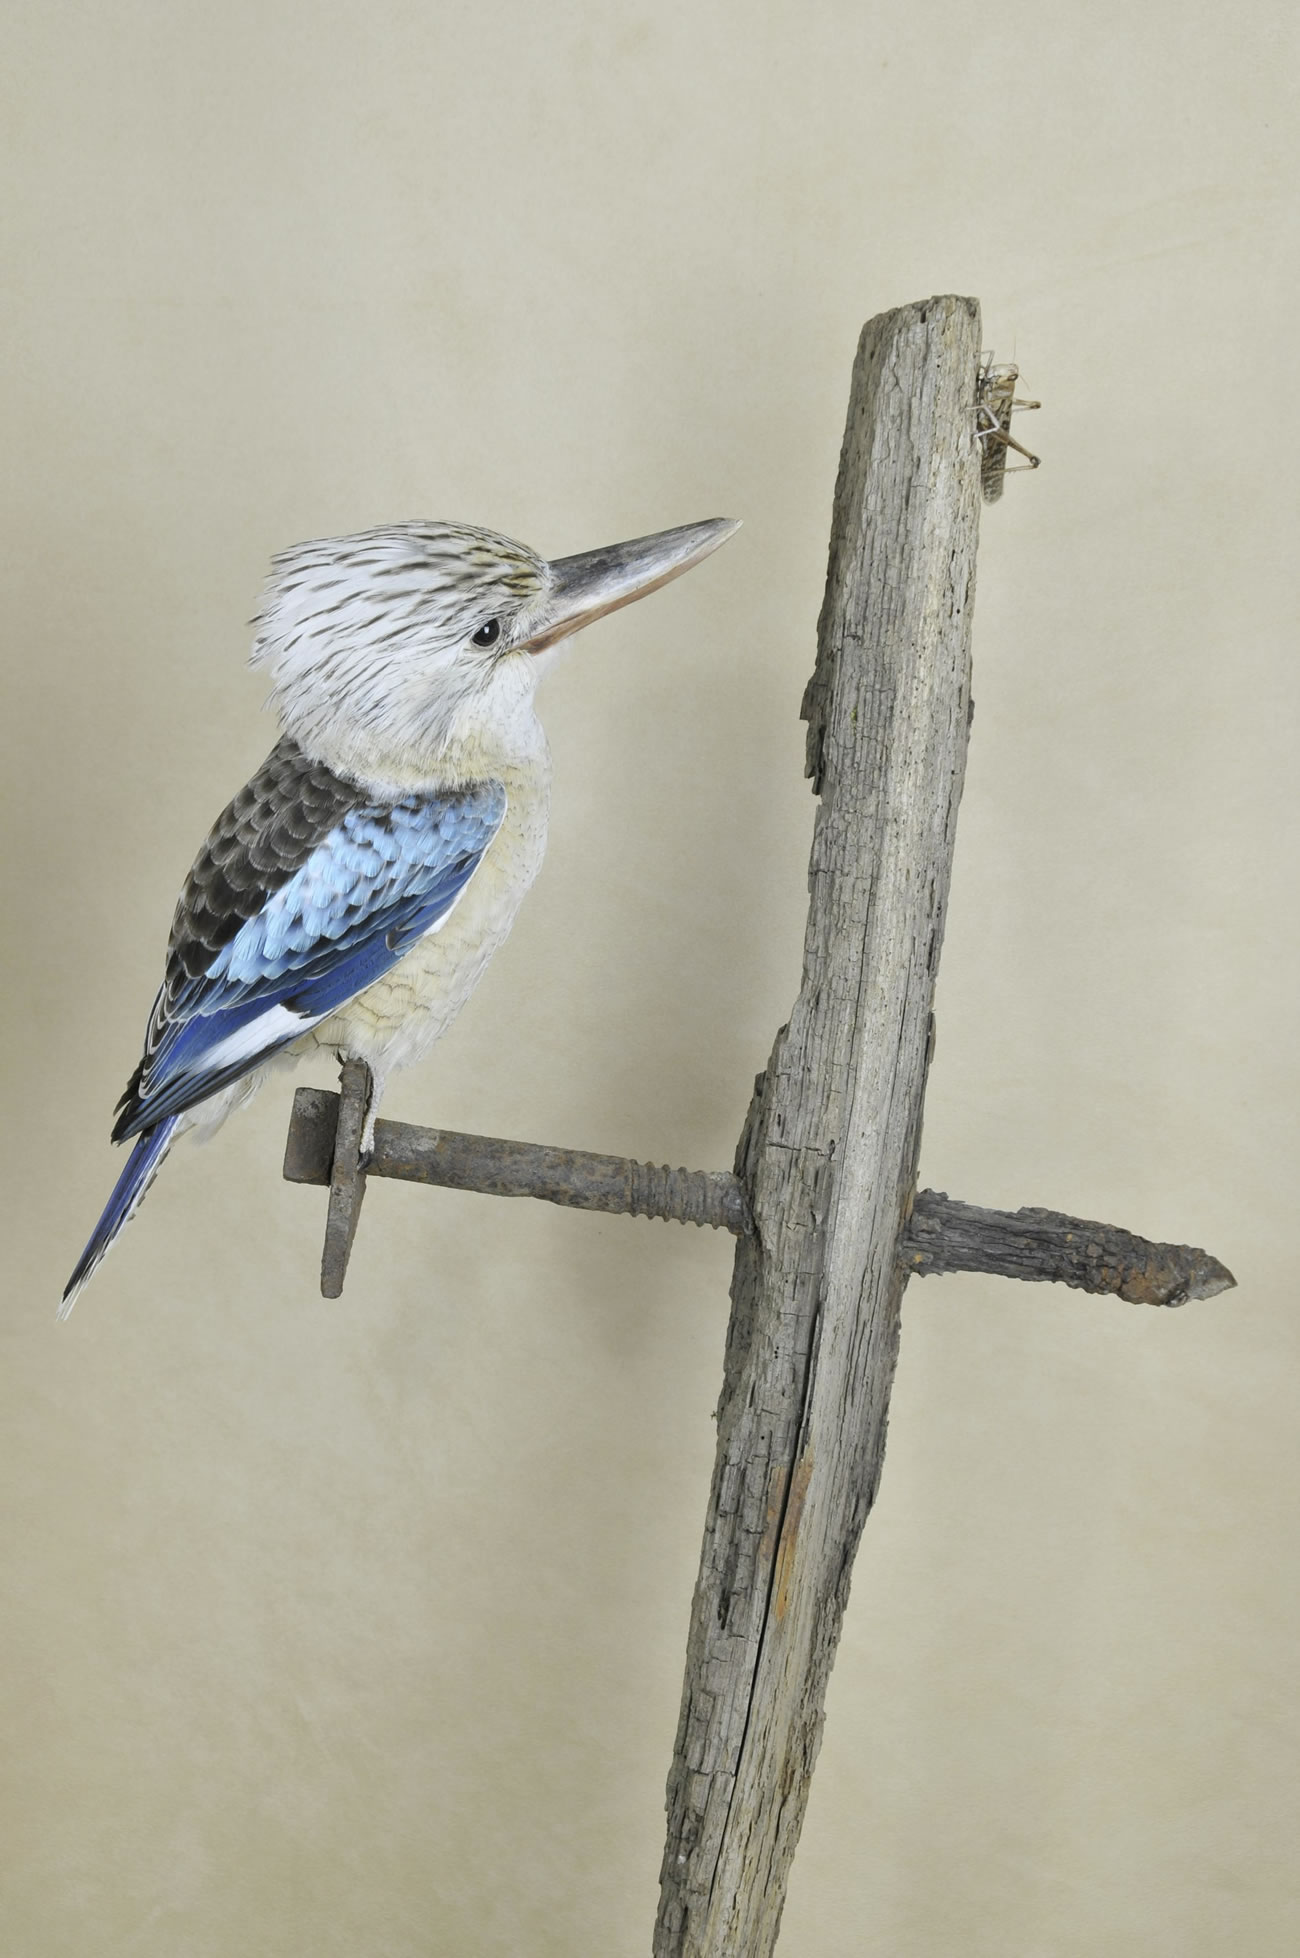 Kookaburra taxidermy 6